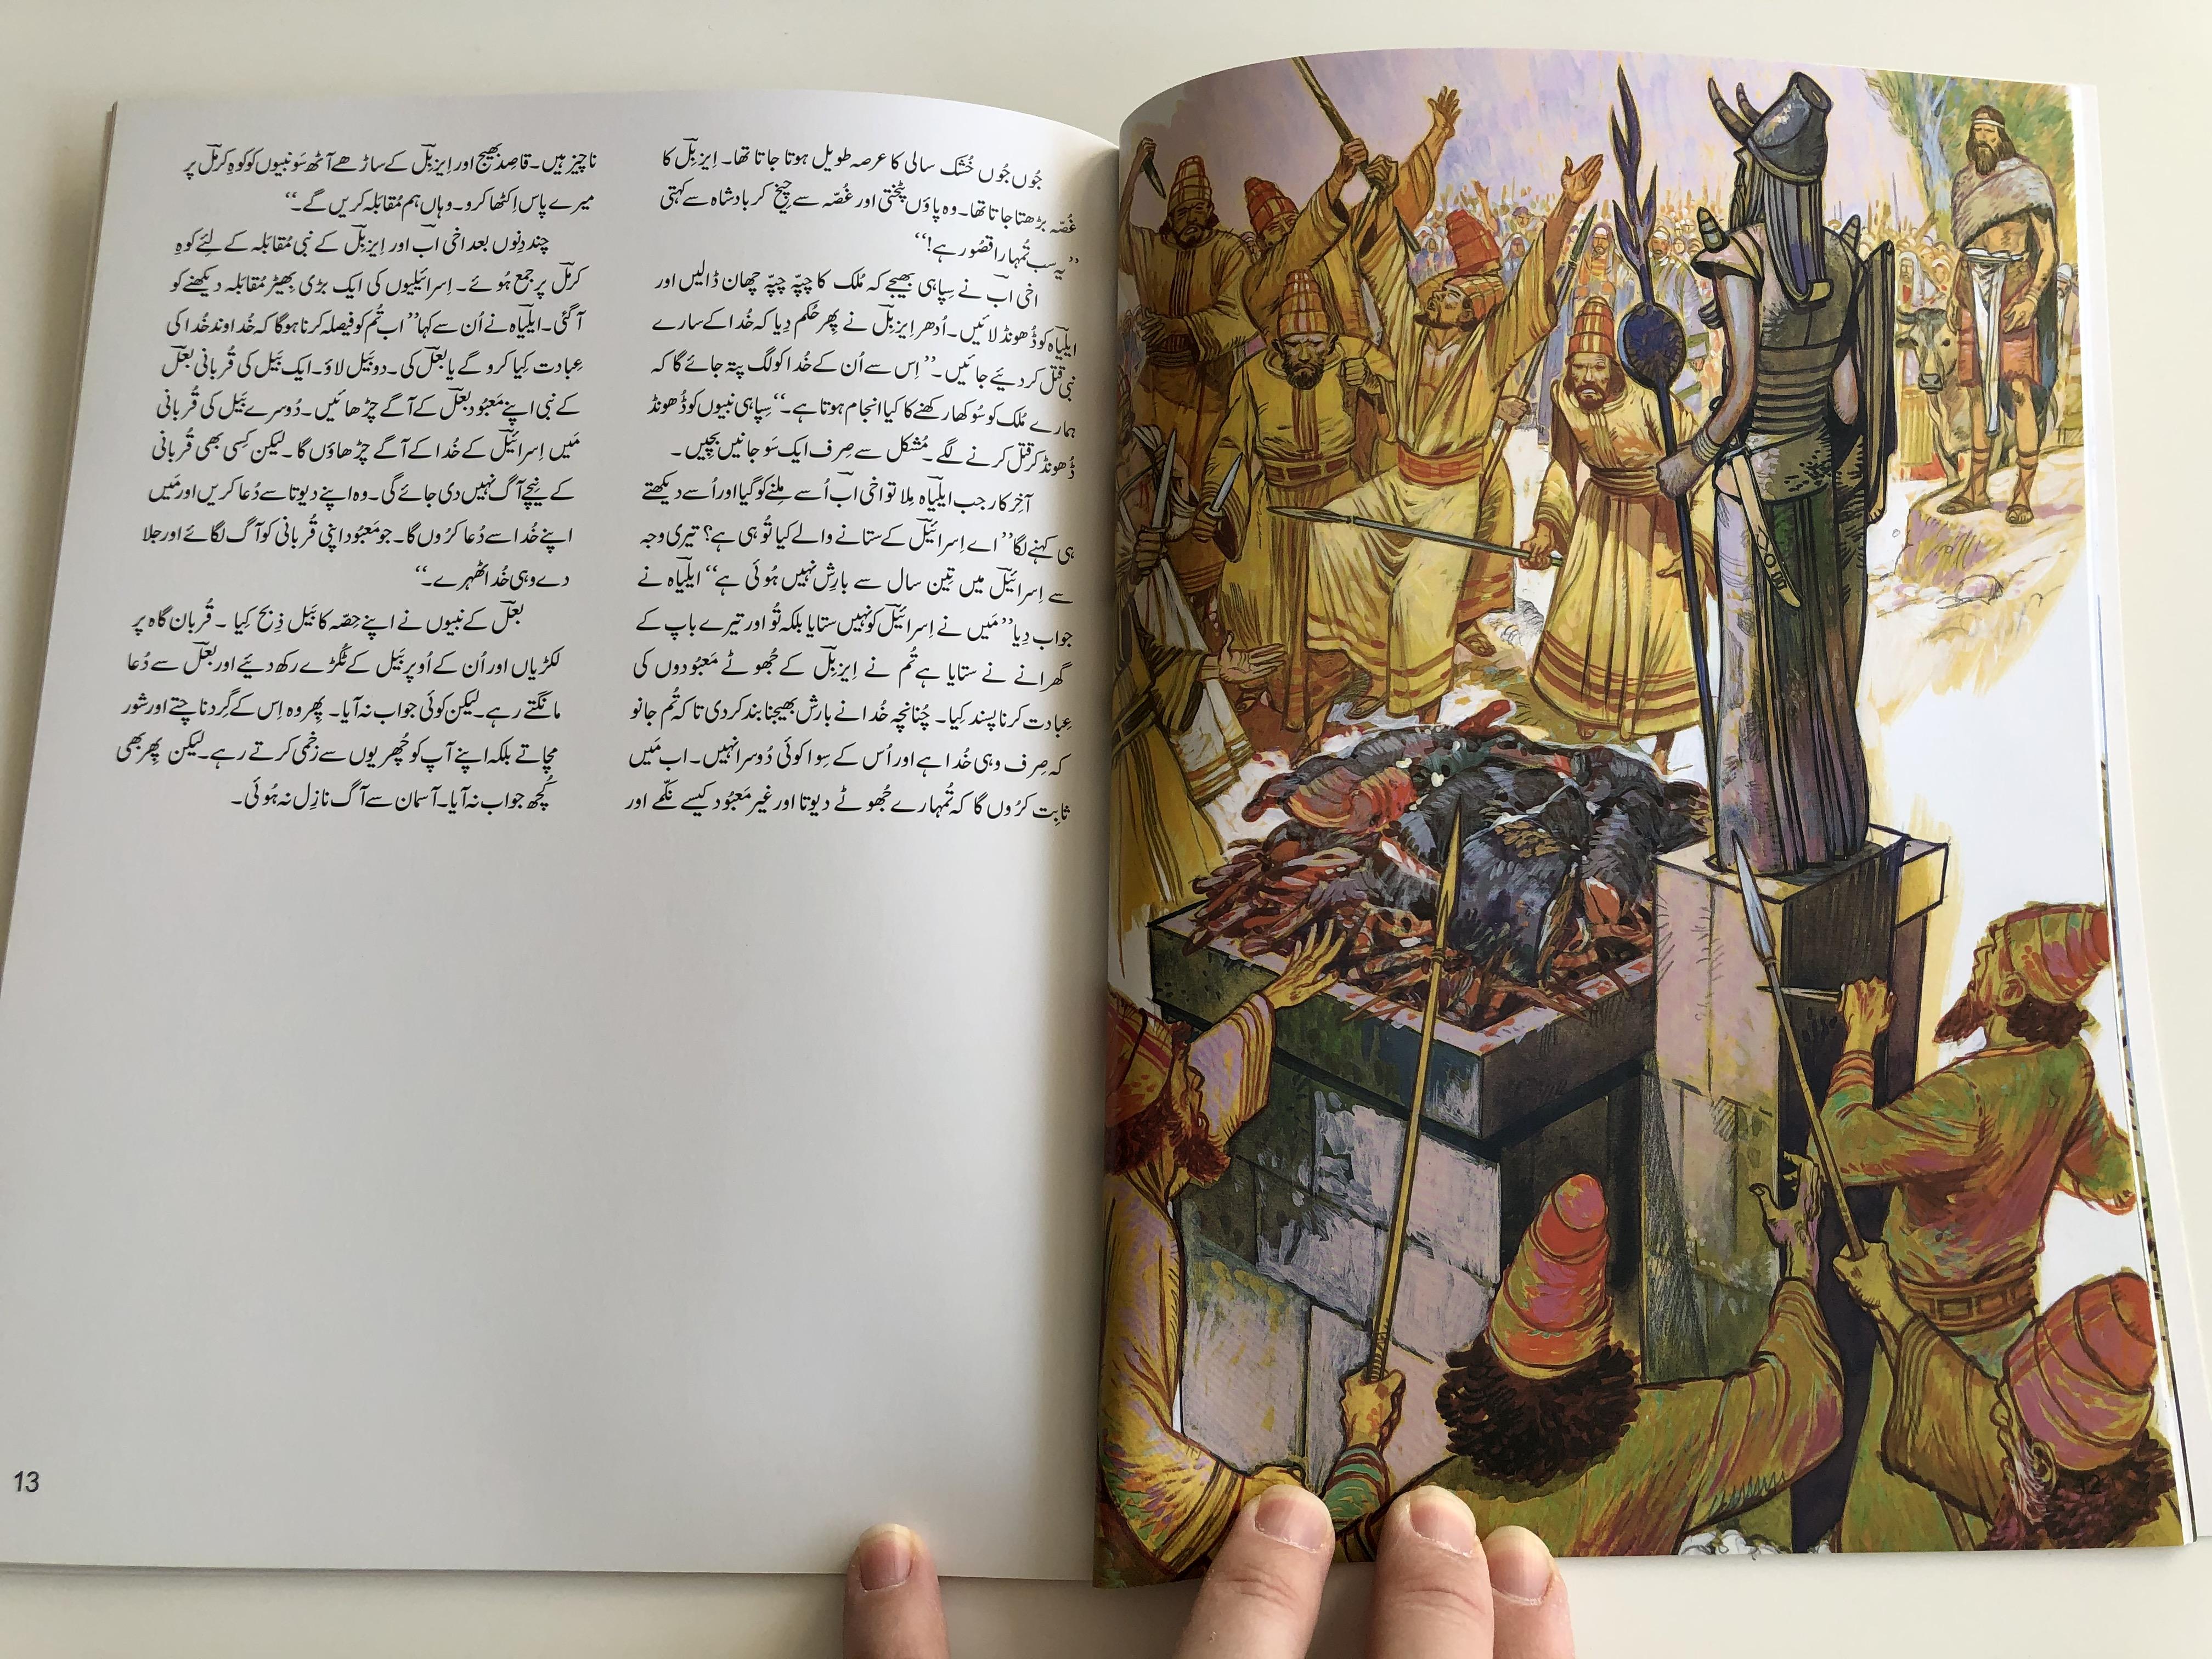 elijah-prophet-of-fire-urdu-language-children-s-illustrated-bible-story-book-4.jpg